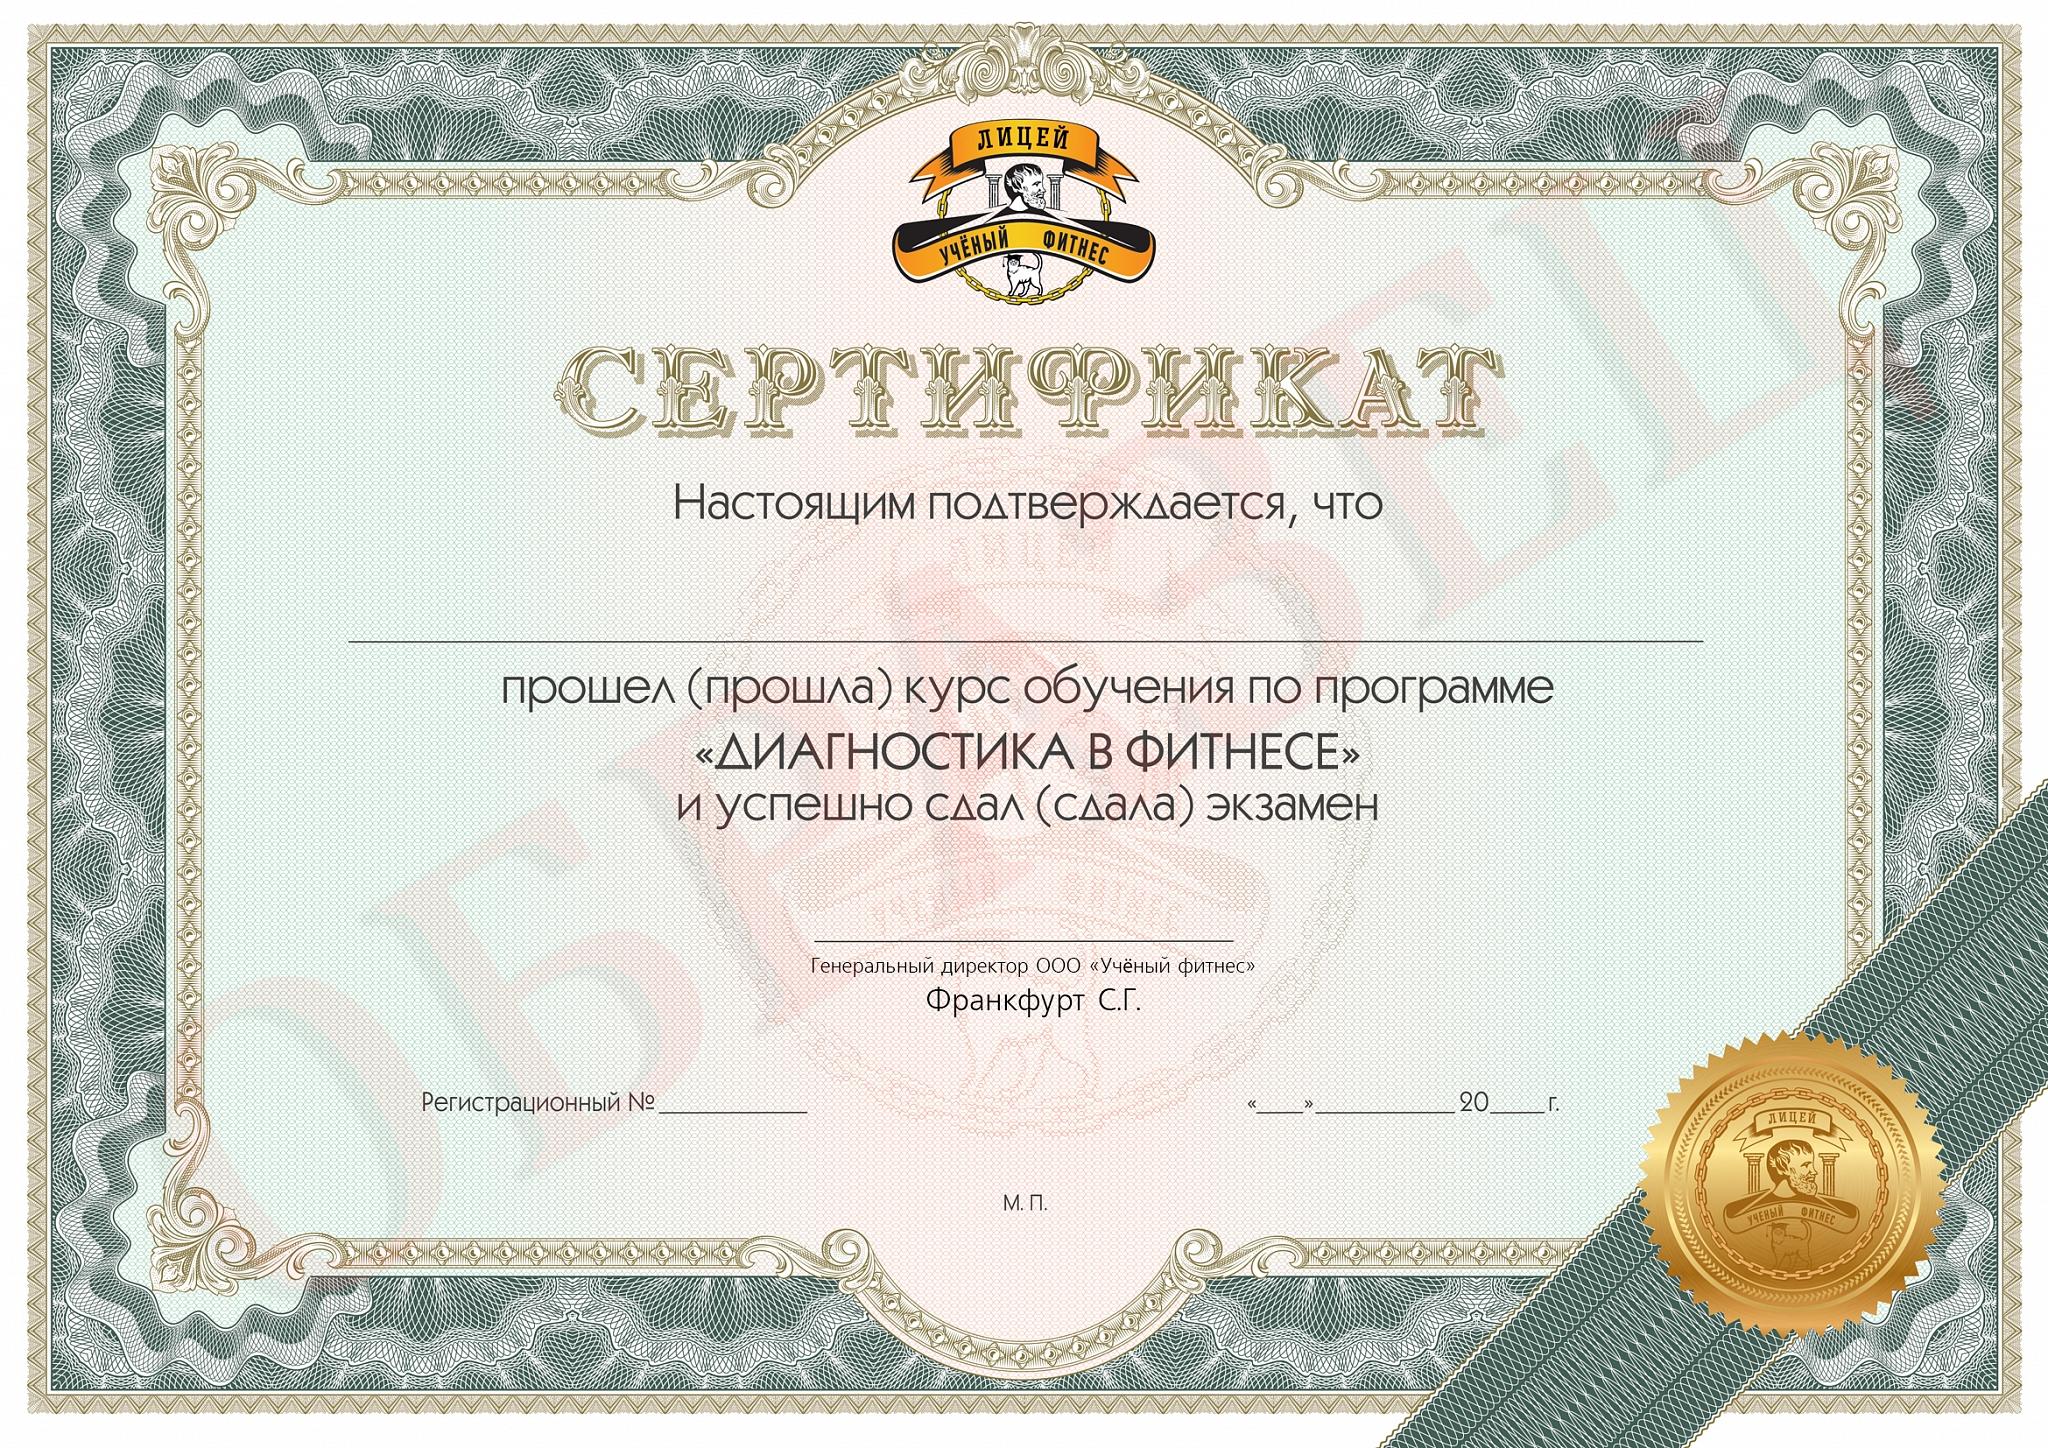 Курс Персональный тренер по фитнес единоборствам обучение в  Сертификат ы